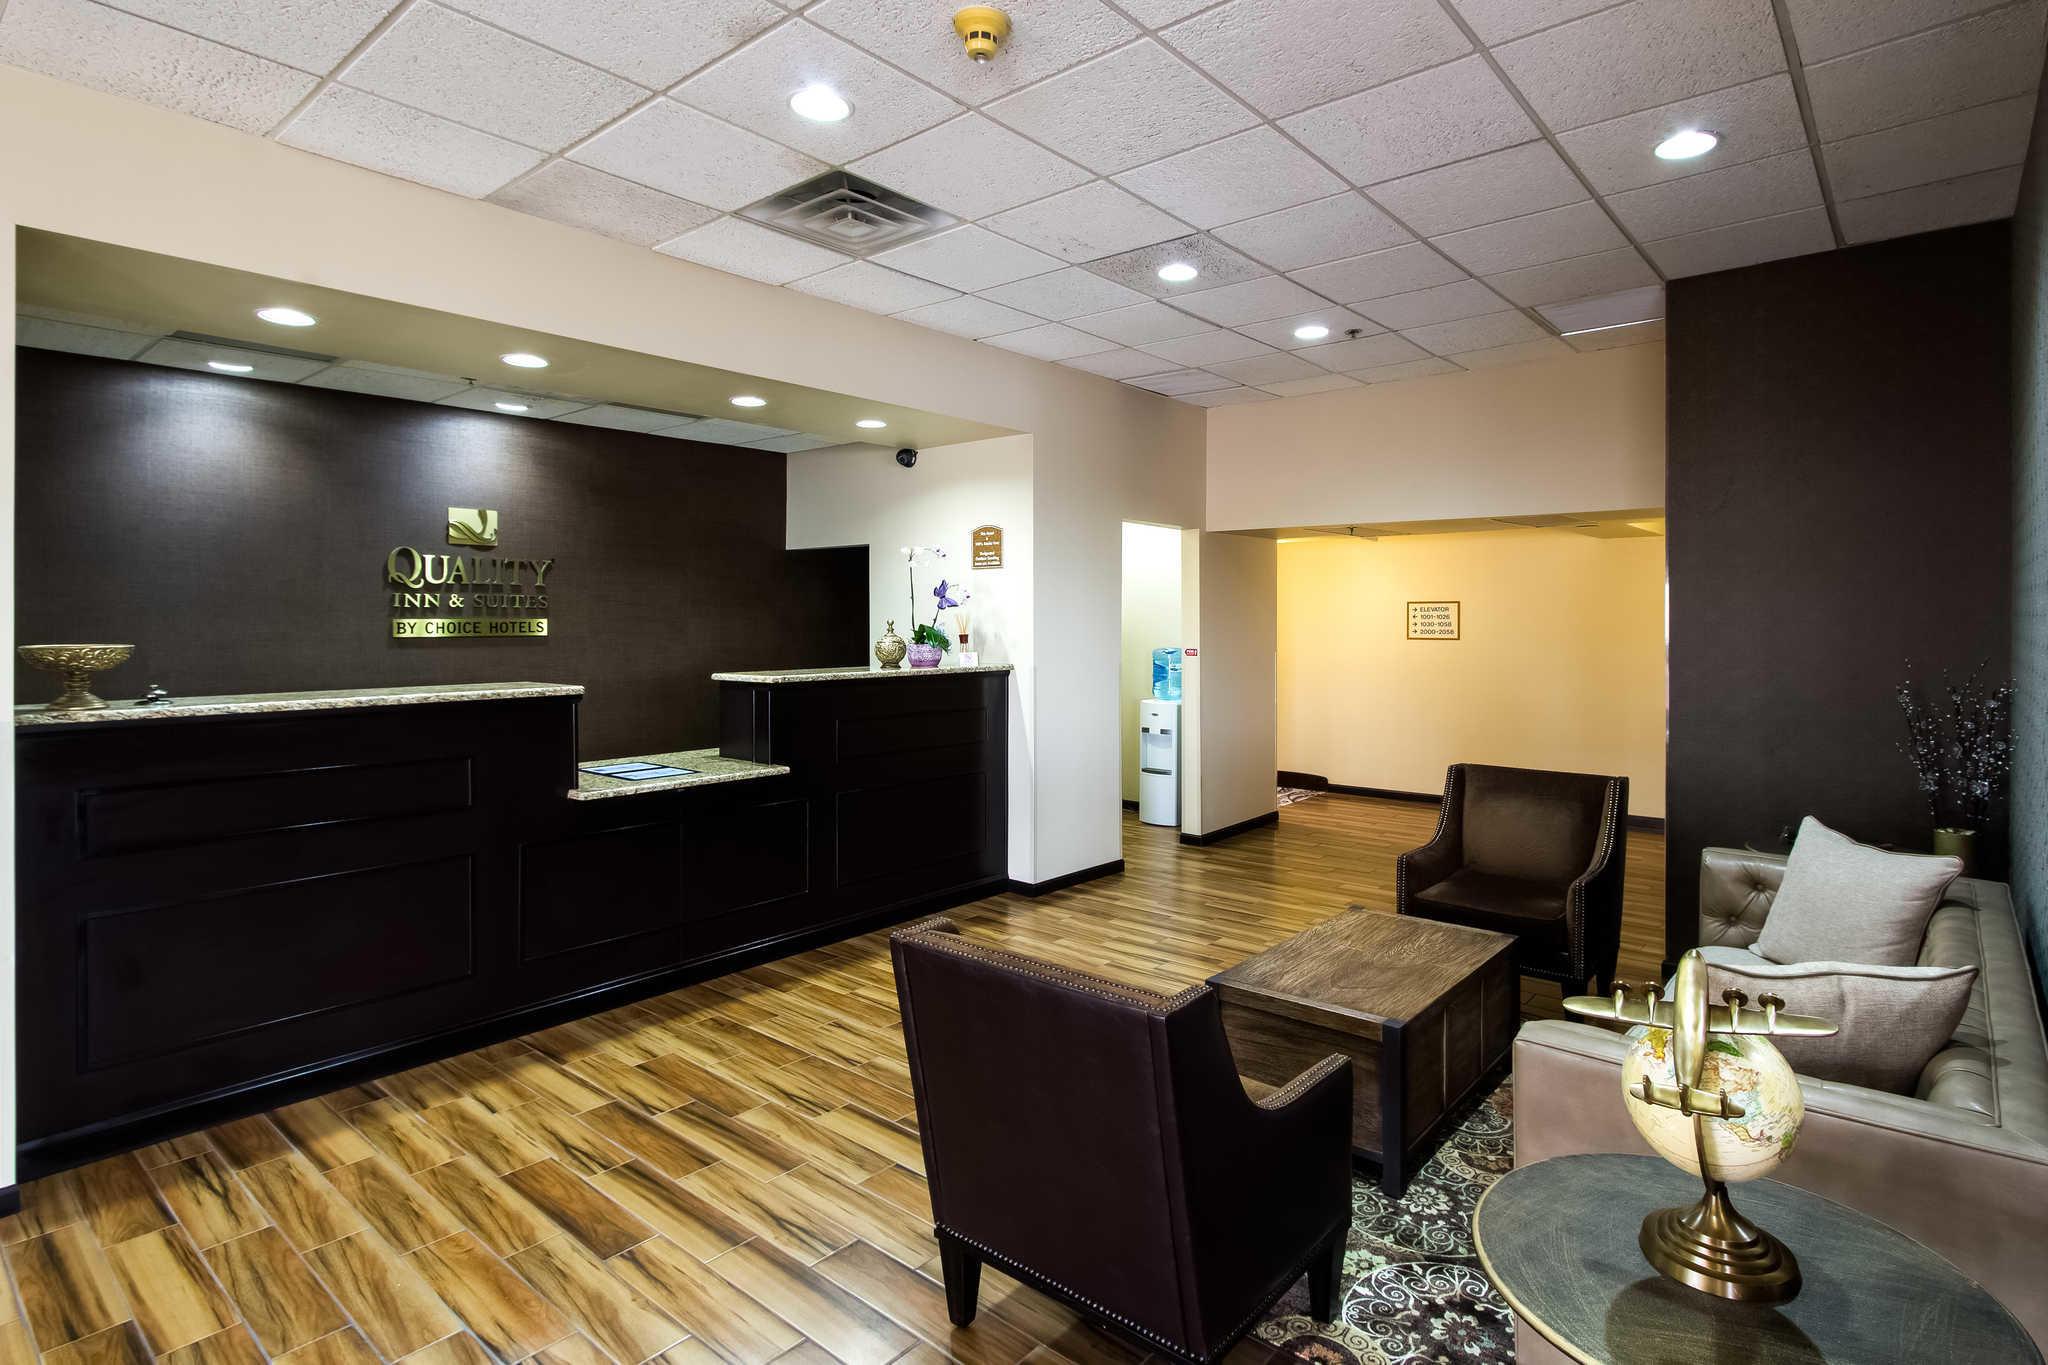 Quality Inn & Suites Moline - Quad Cities image 2